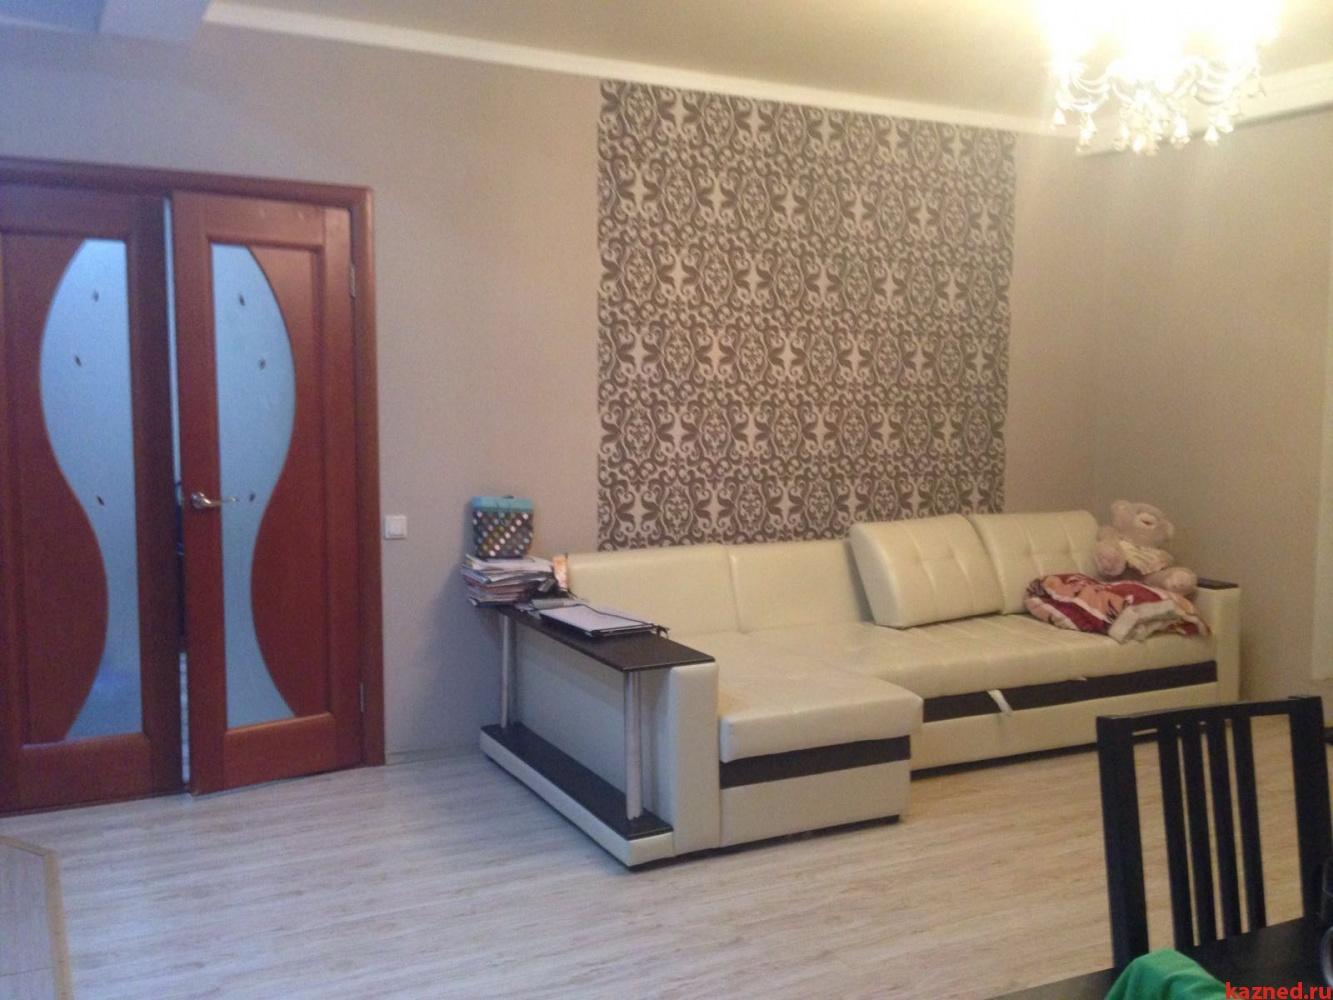 Продажа 3-к квартиры Баруди,18, 70 м² (миниатюра №4)